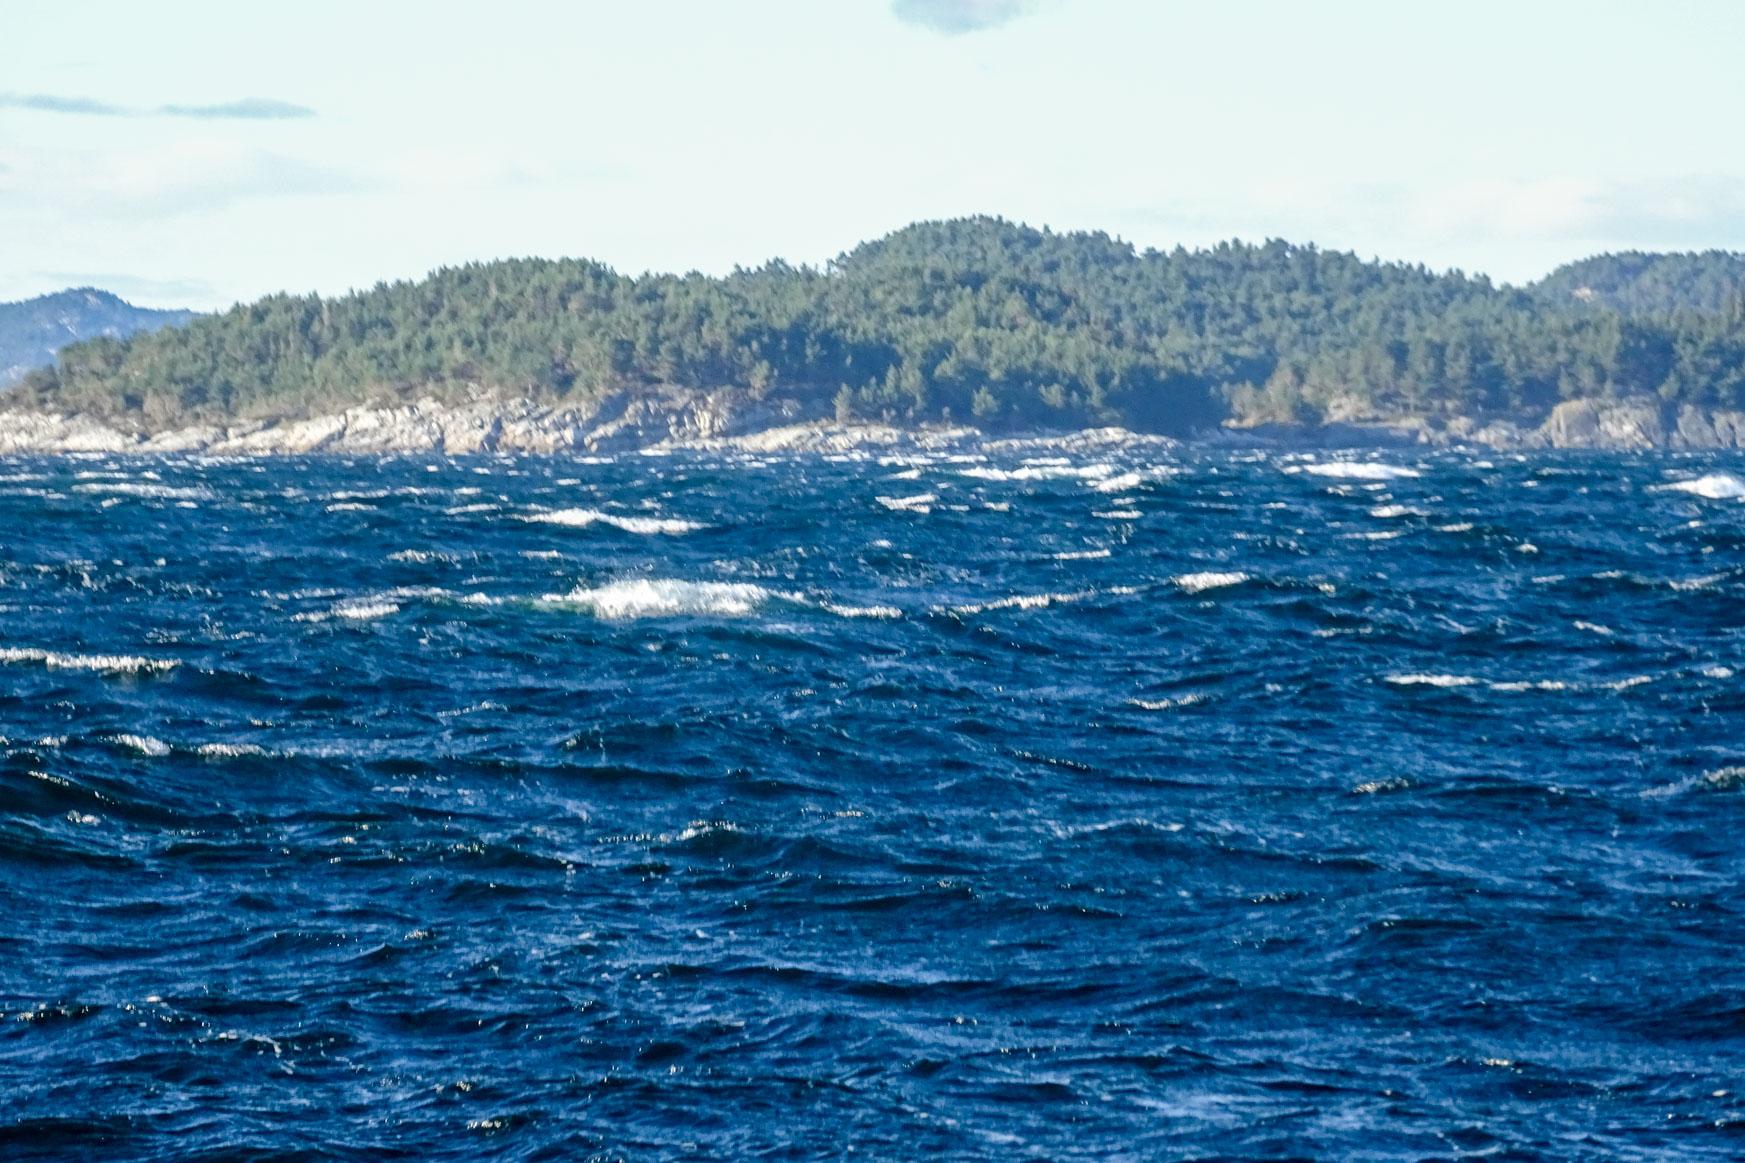 Tolles Segeln bei Wind und Welle